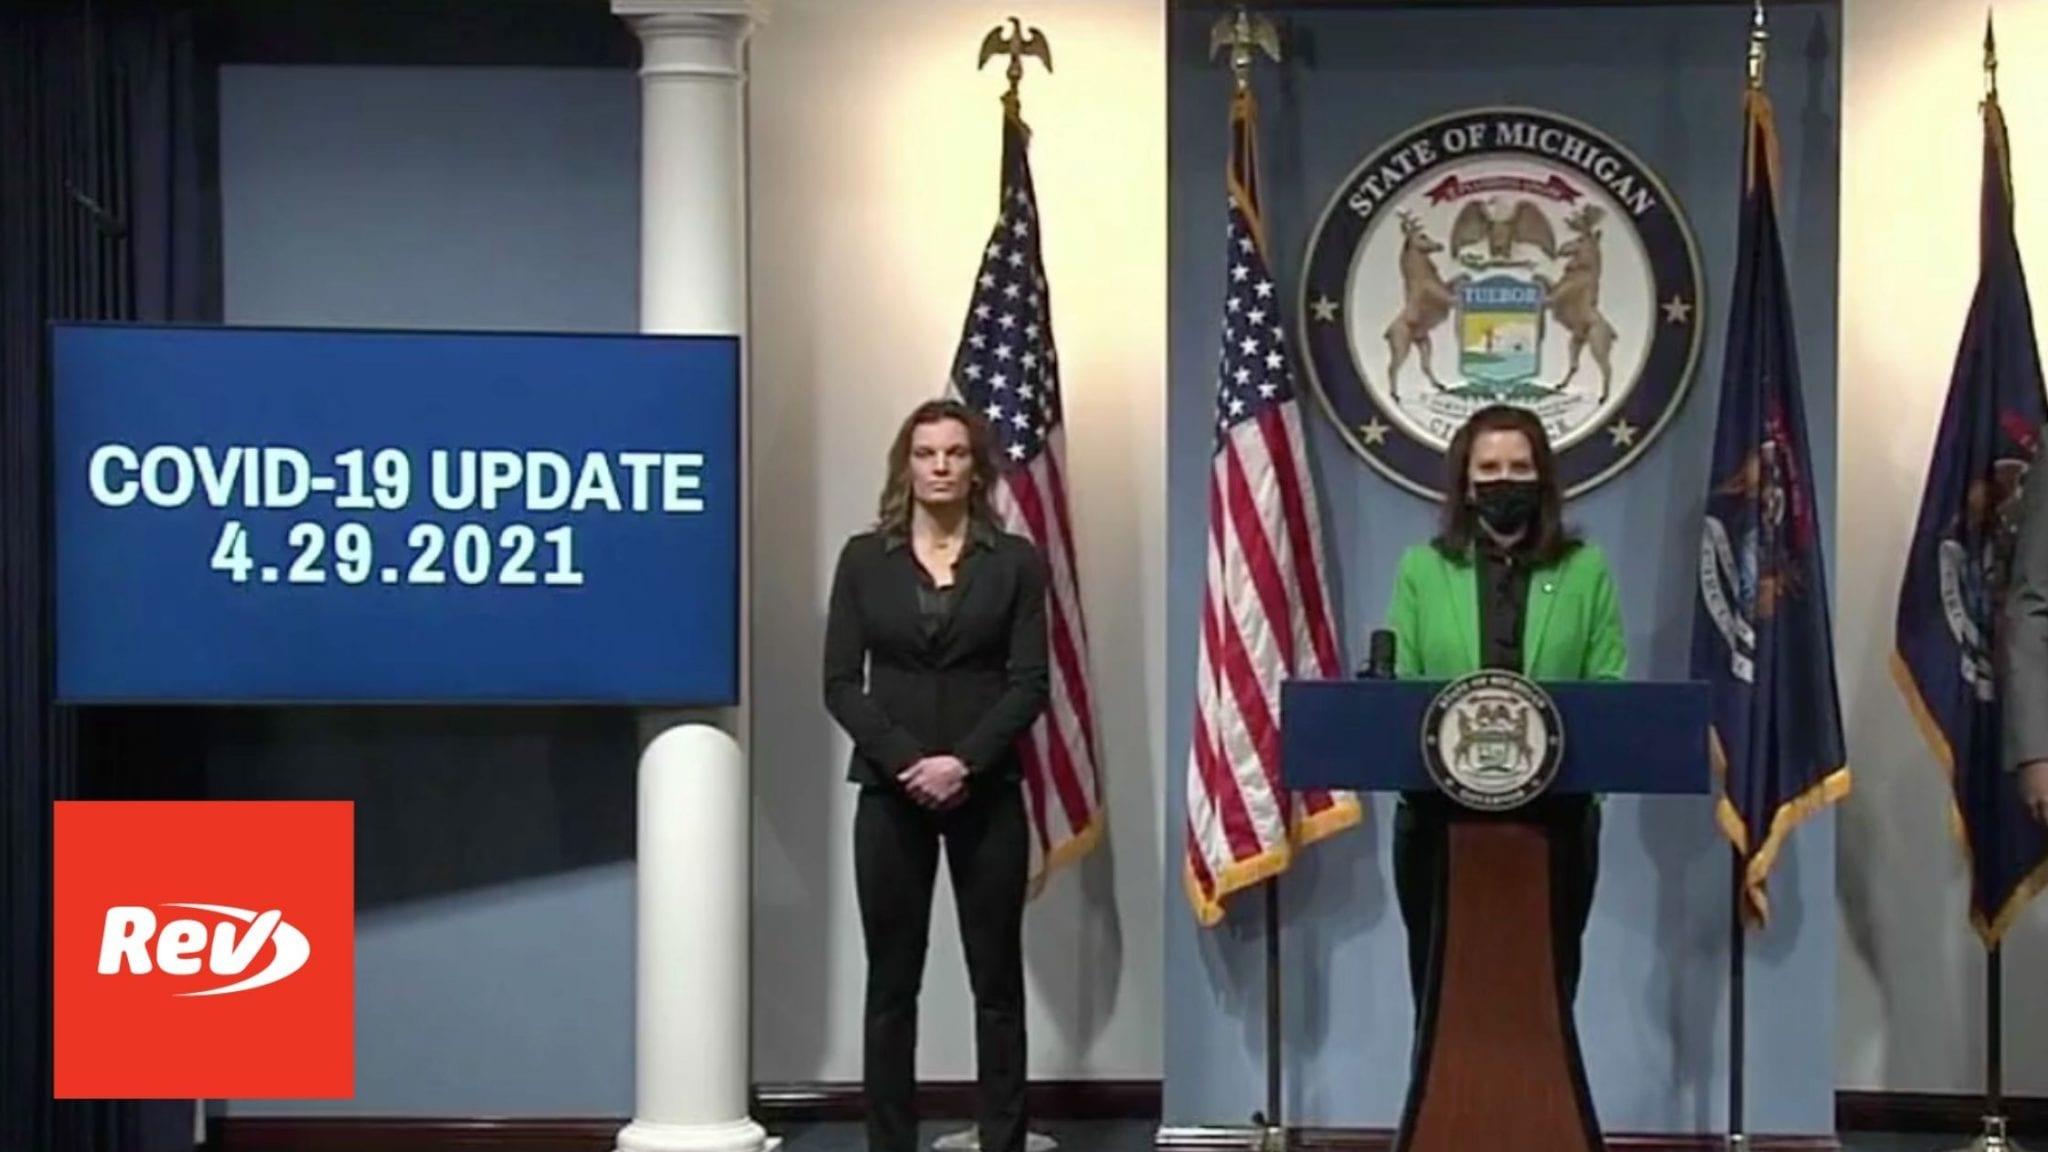 Michigan Governor Gretchen Whitmer COVID-19 Press Conference Transcript April 29